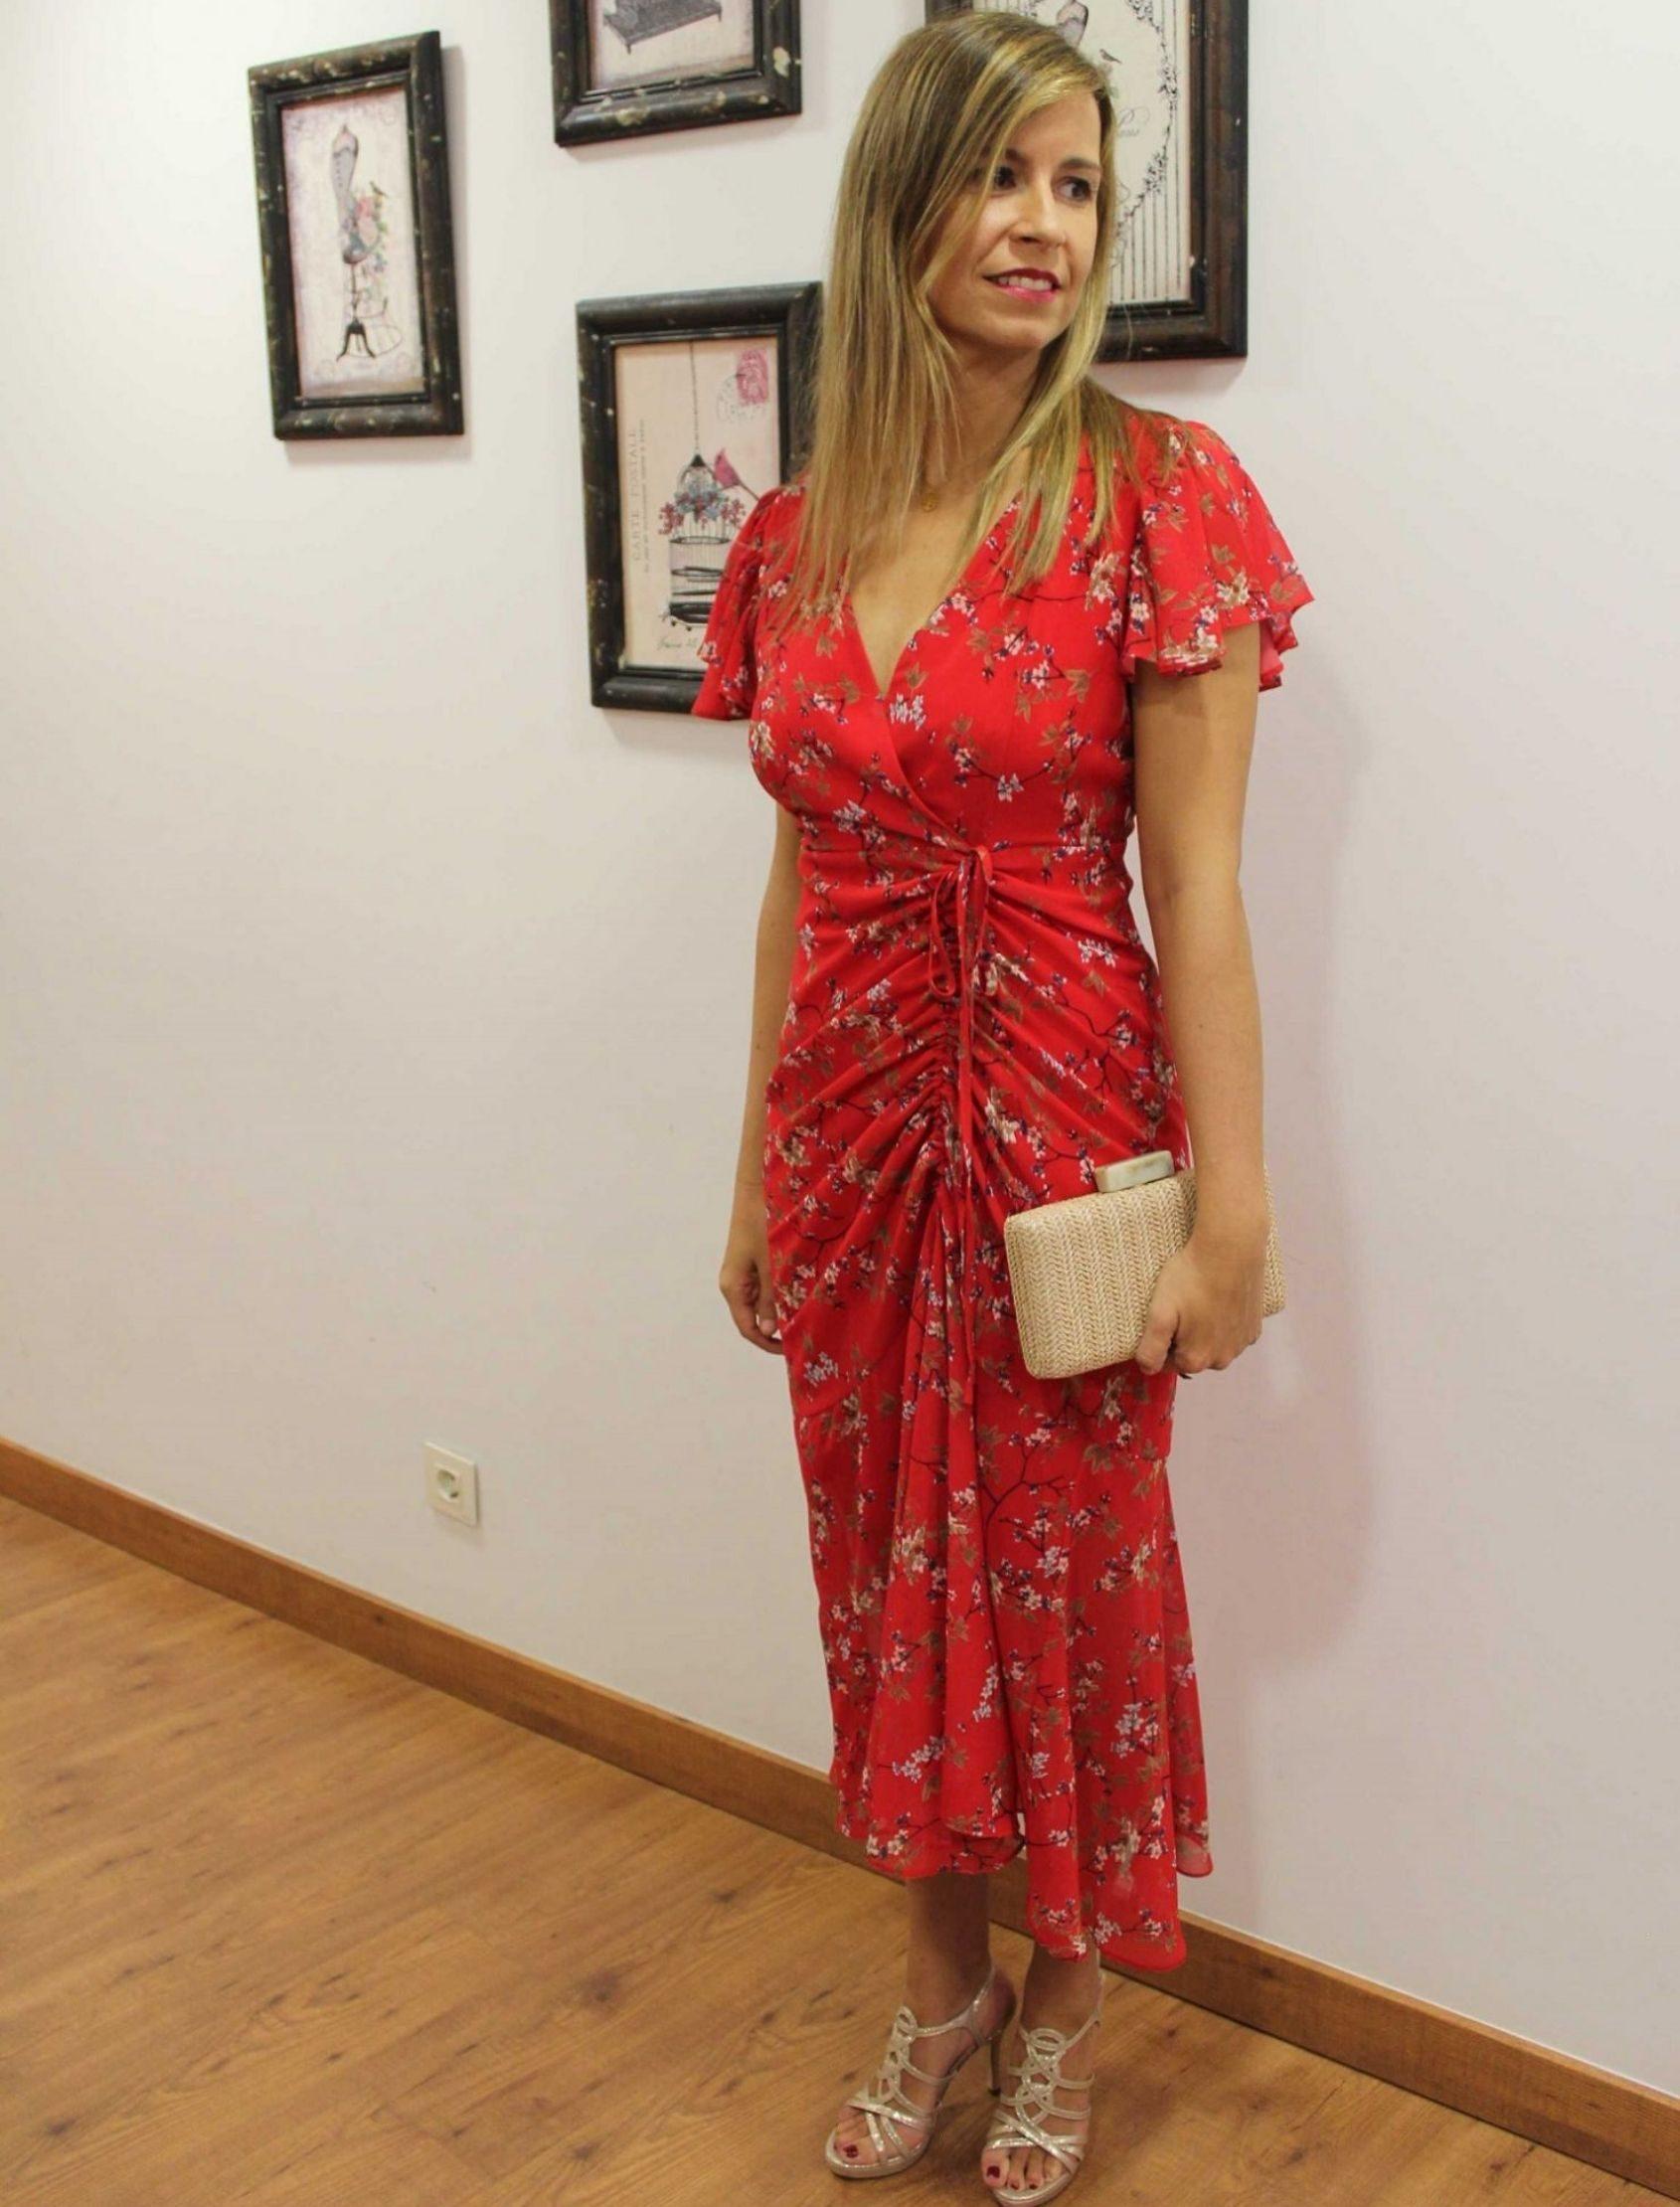 modelo con vestido maxi petal con estampado floral sobre fondo rojo